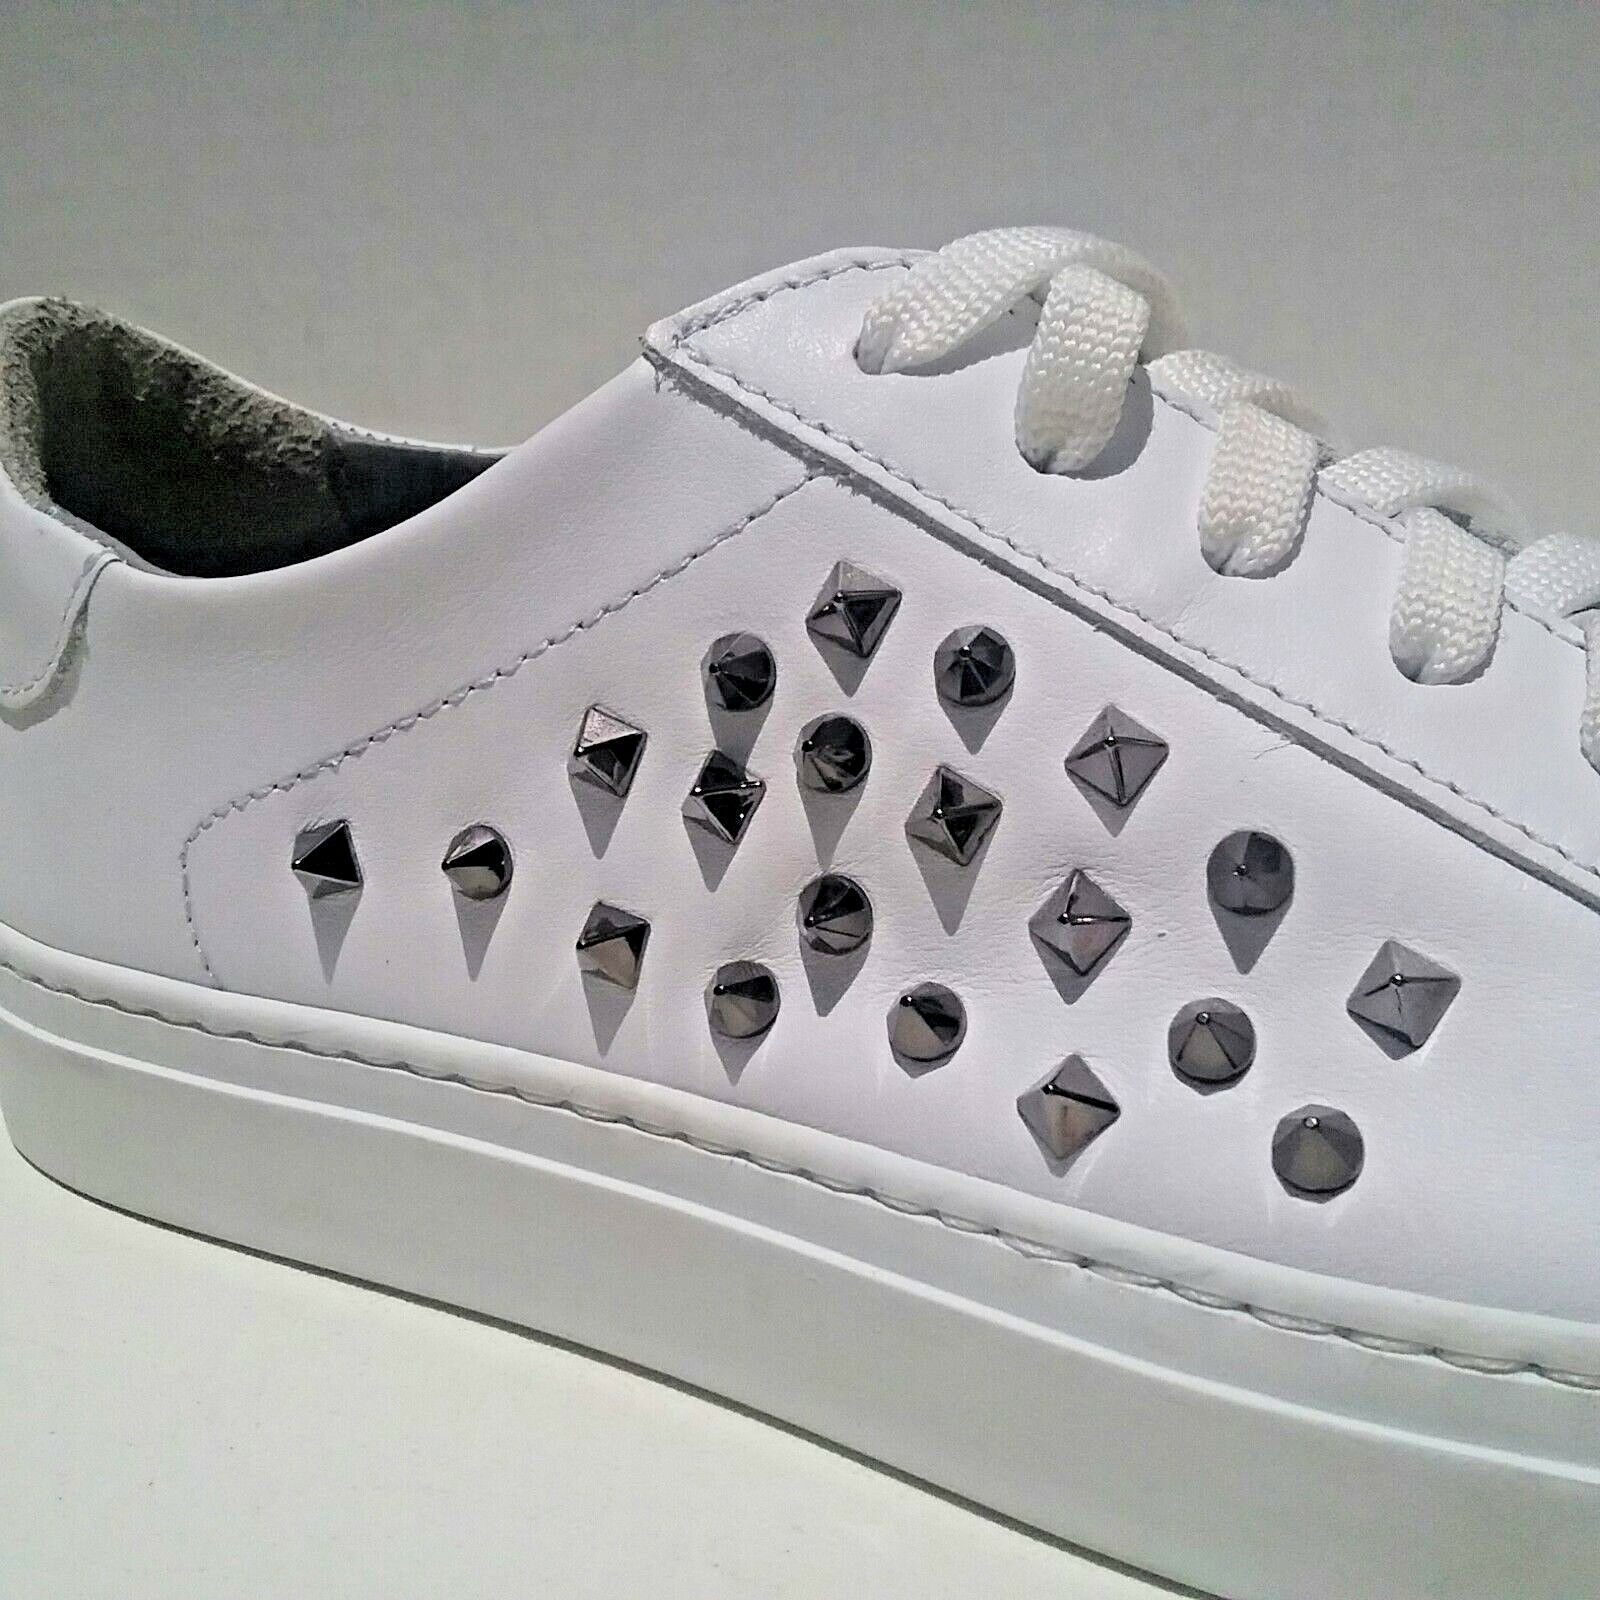 Boemos Italia Mujer Tamaño Cuero Euro 40 Cuero Tamaño blancoo Pirámide tachonado con Cordones Zapatillas b5f78a